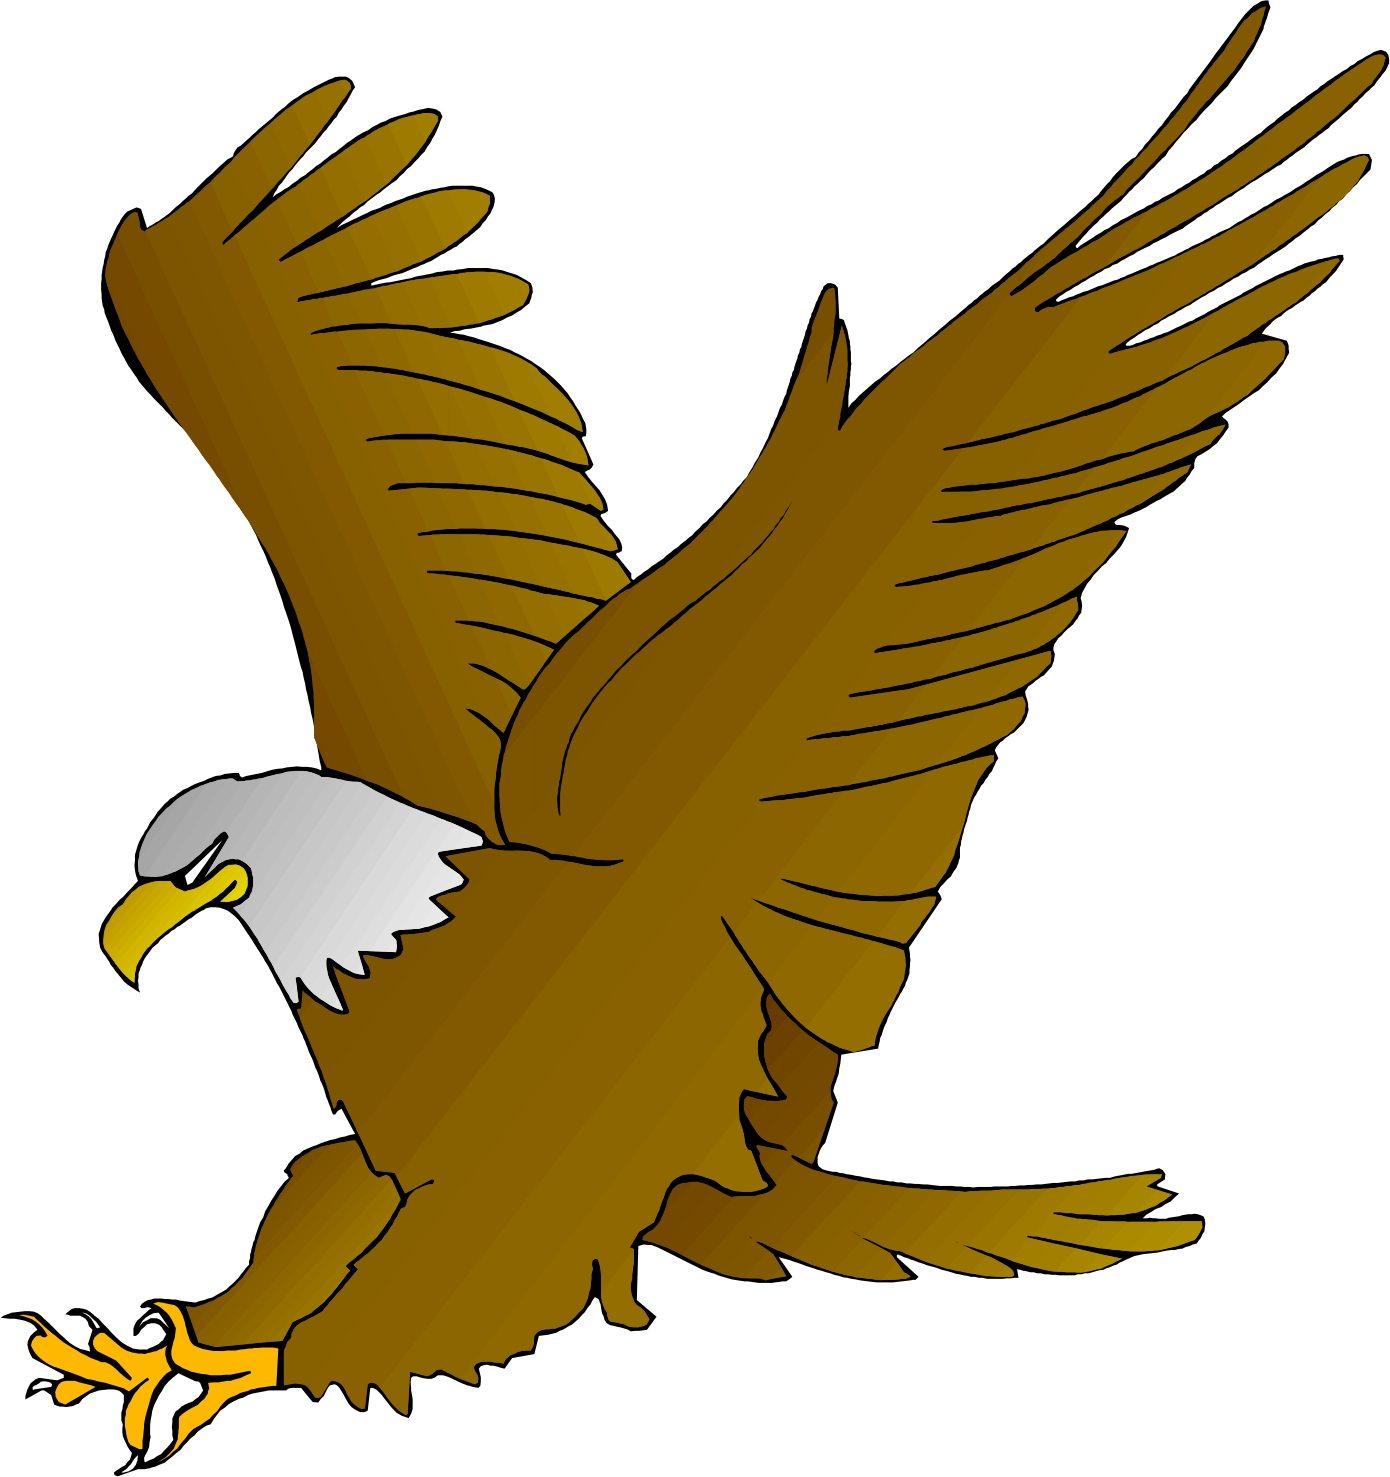 Eagle clipart. Cartoon amos elementary